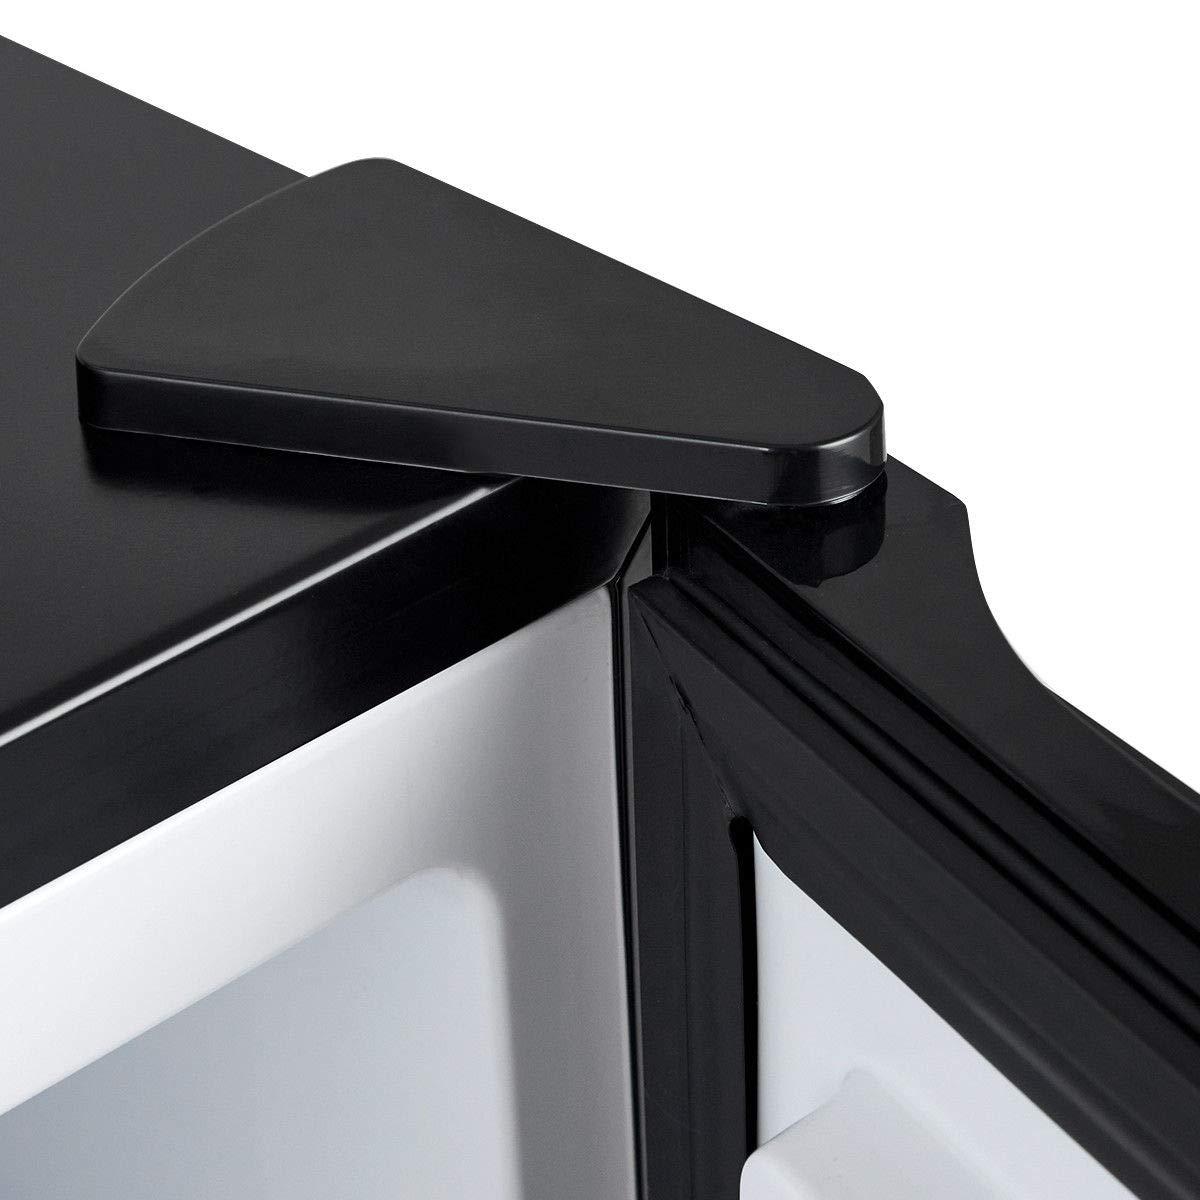 COSTWAY - Congelador vertical compacto de una sola puerta, tamaño ...